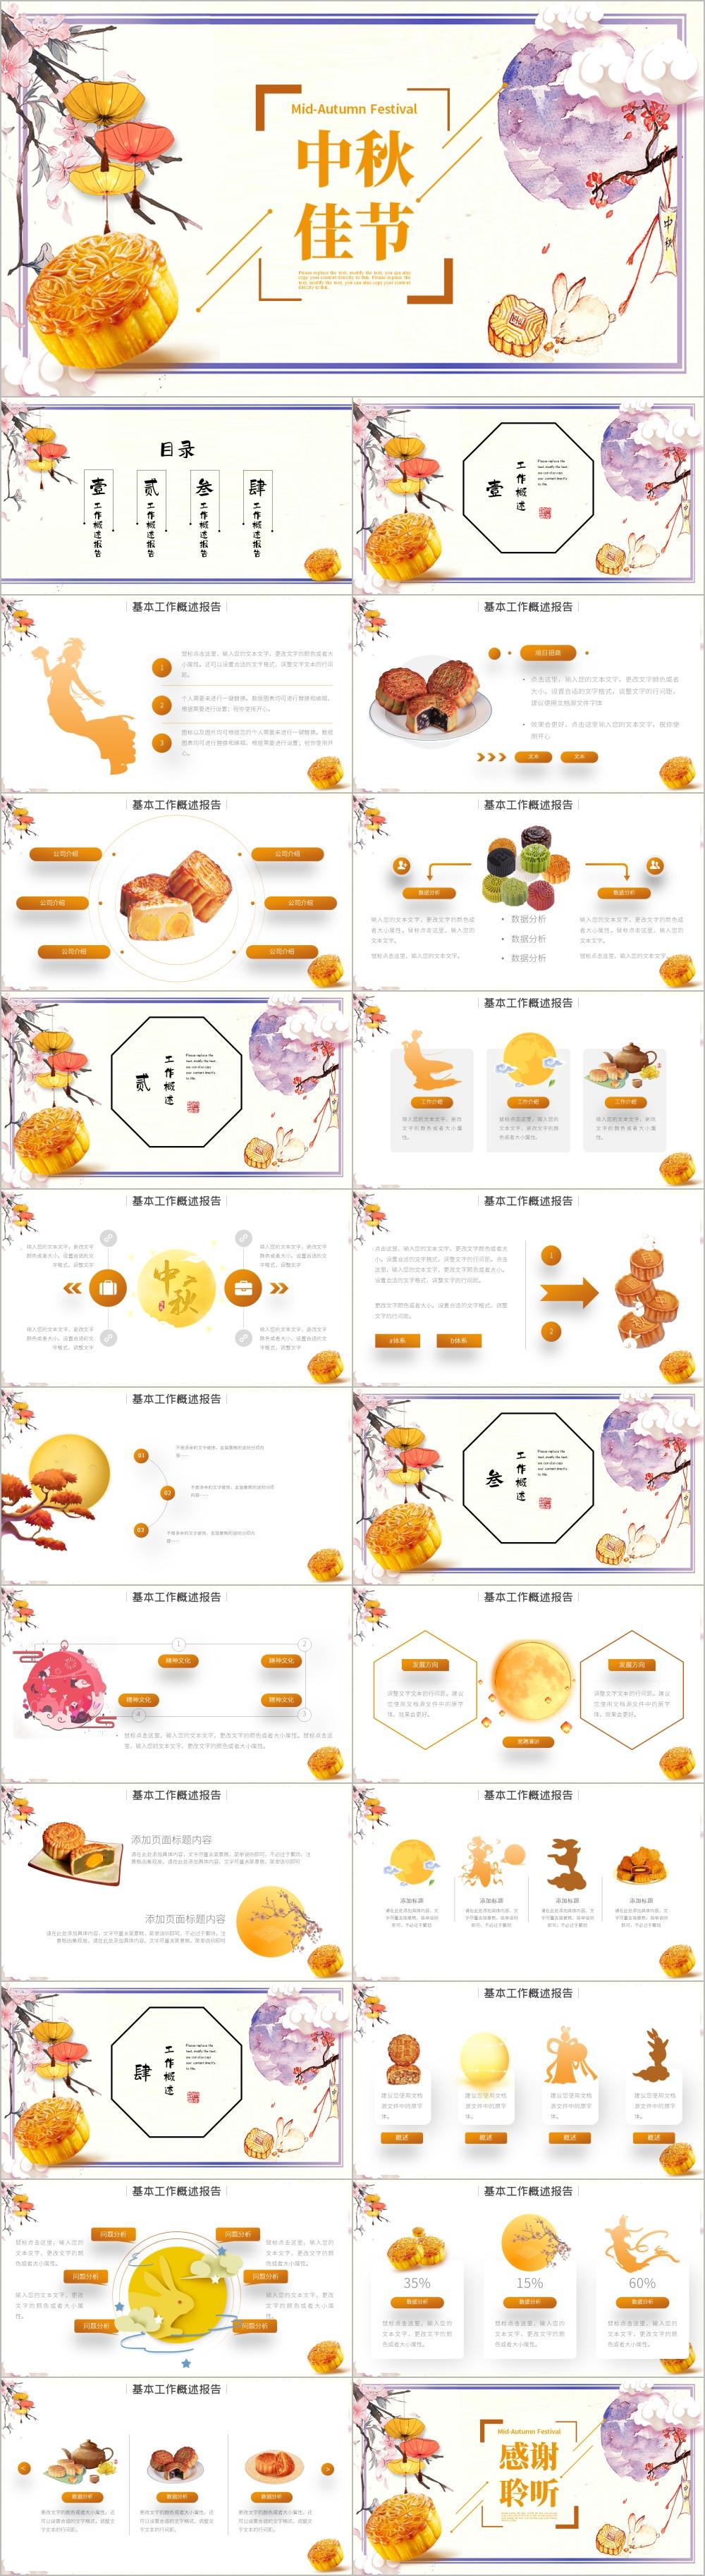 月亮传统节日团圆节中秋节PPT模板